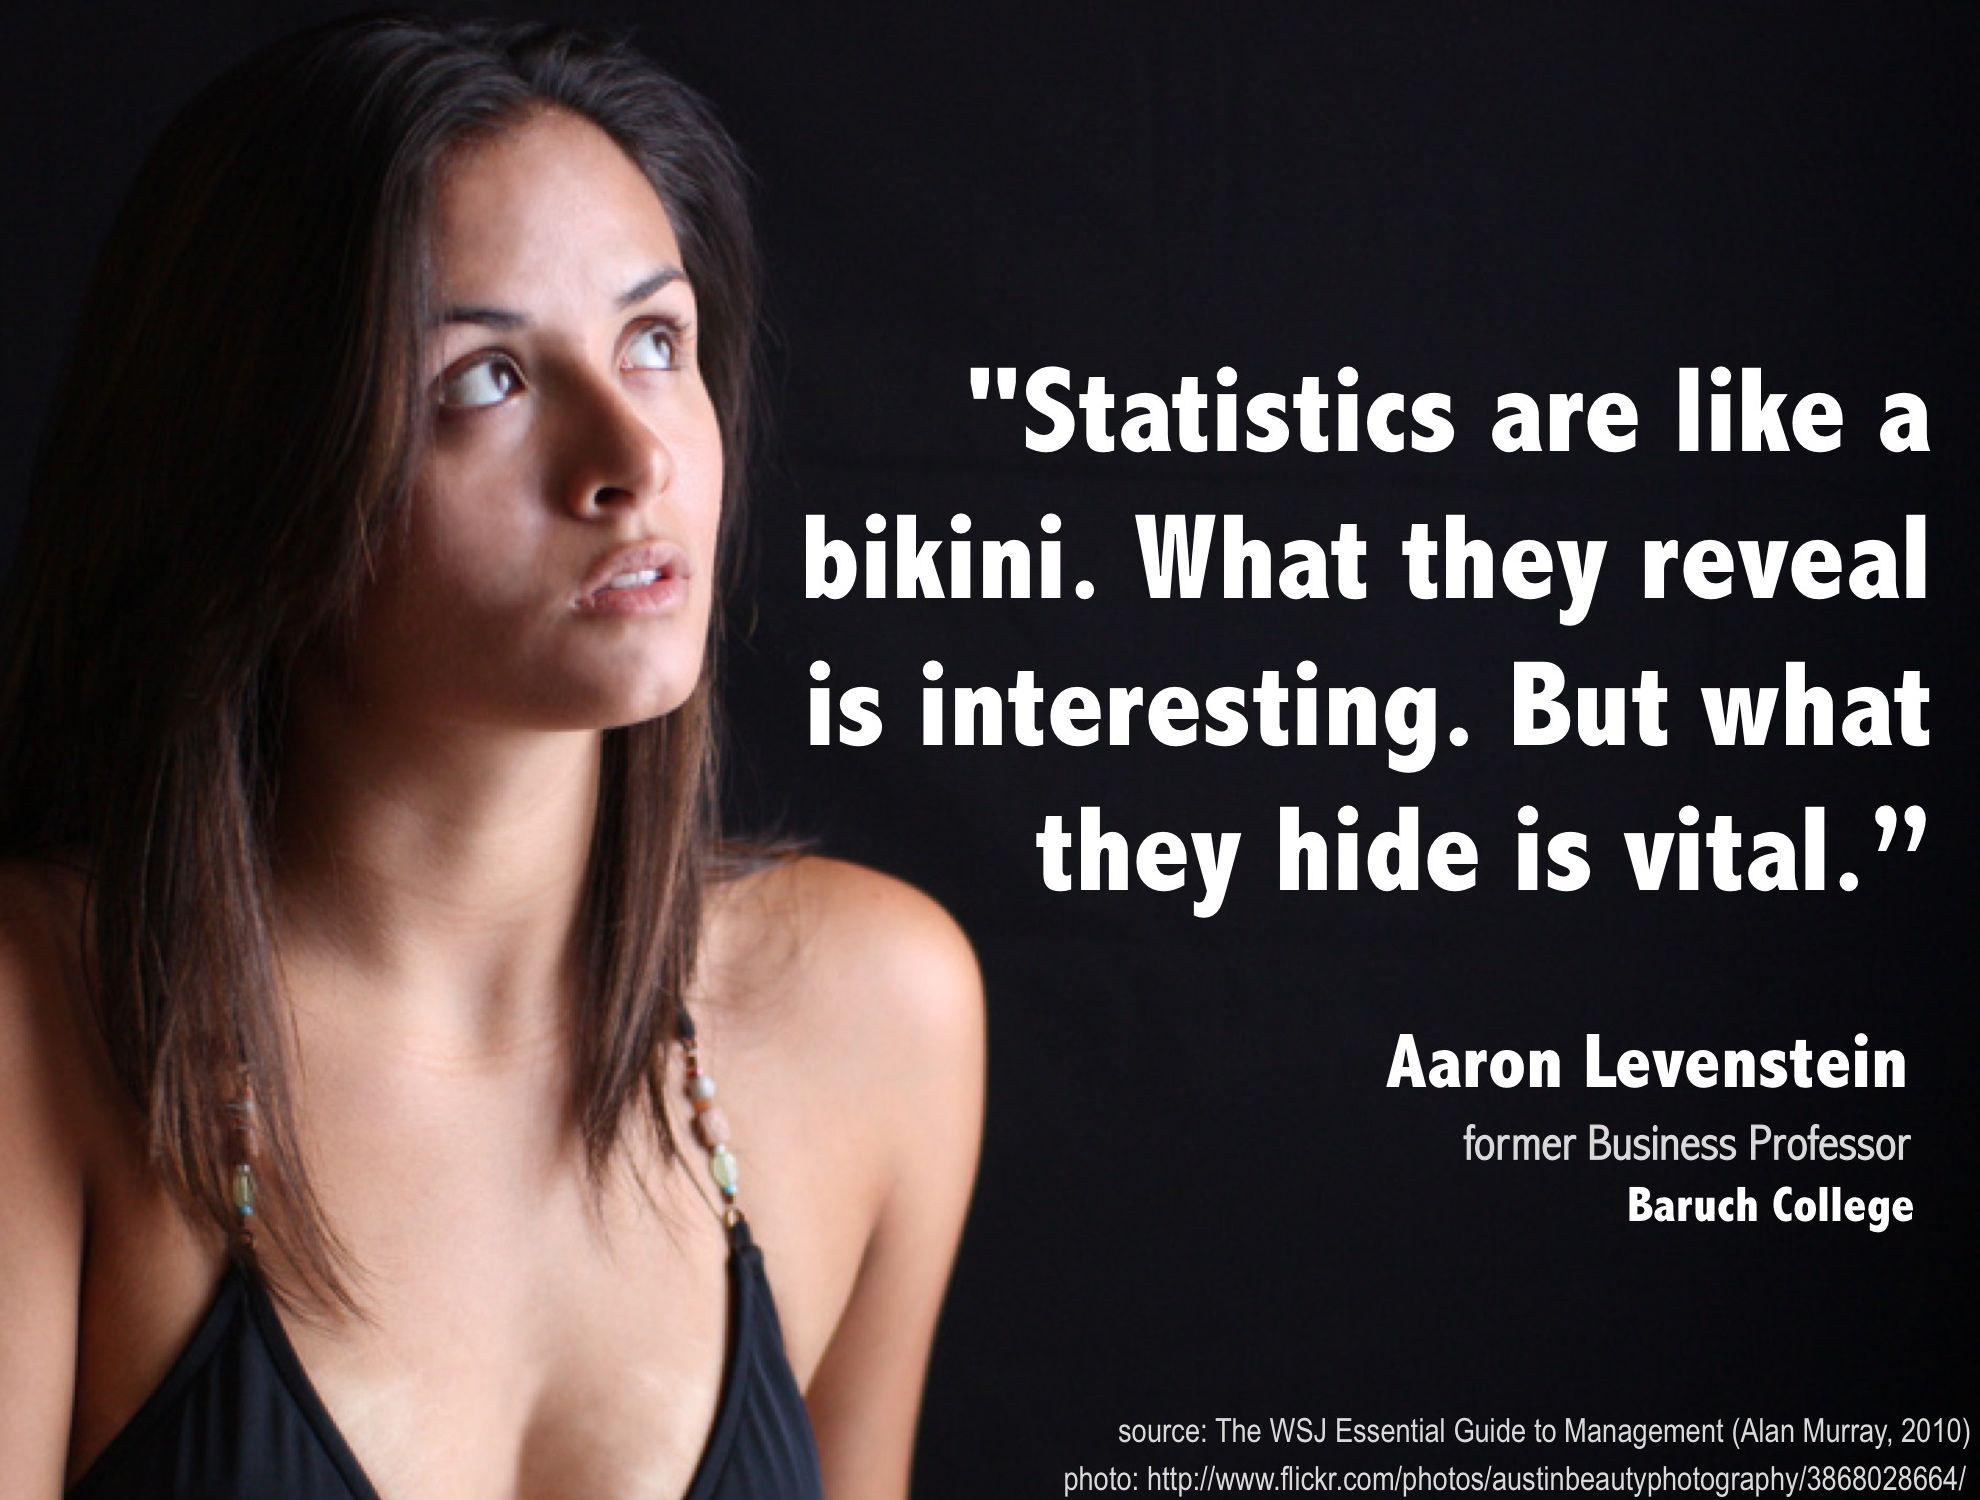 통계나 사업이나 보이는 것만 봐서는 안 된다